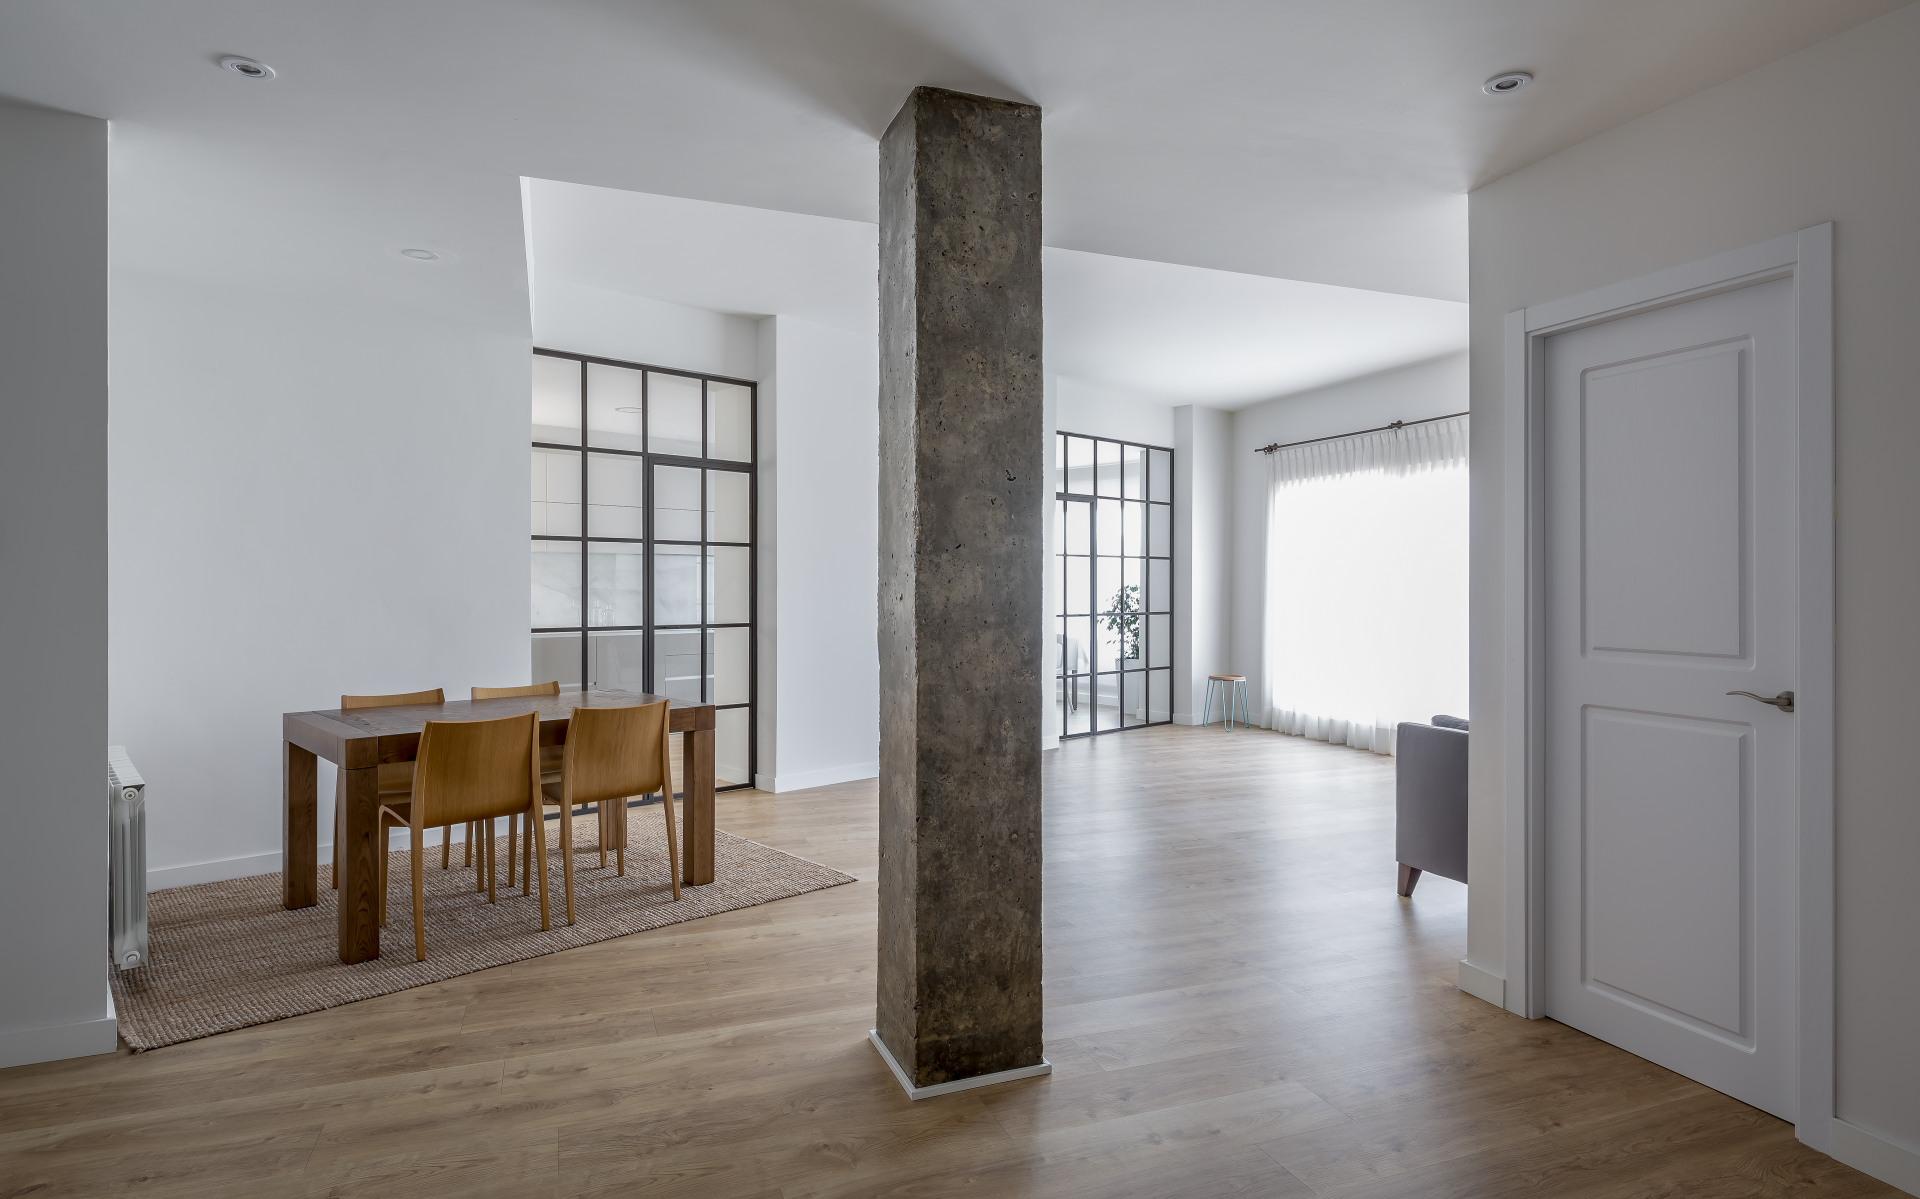 fotografia-arquitectura-valencia-german-cabo-mariola-torre-en-conill (1)